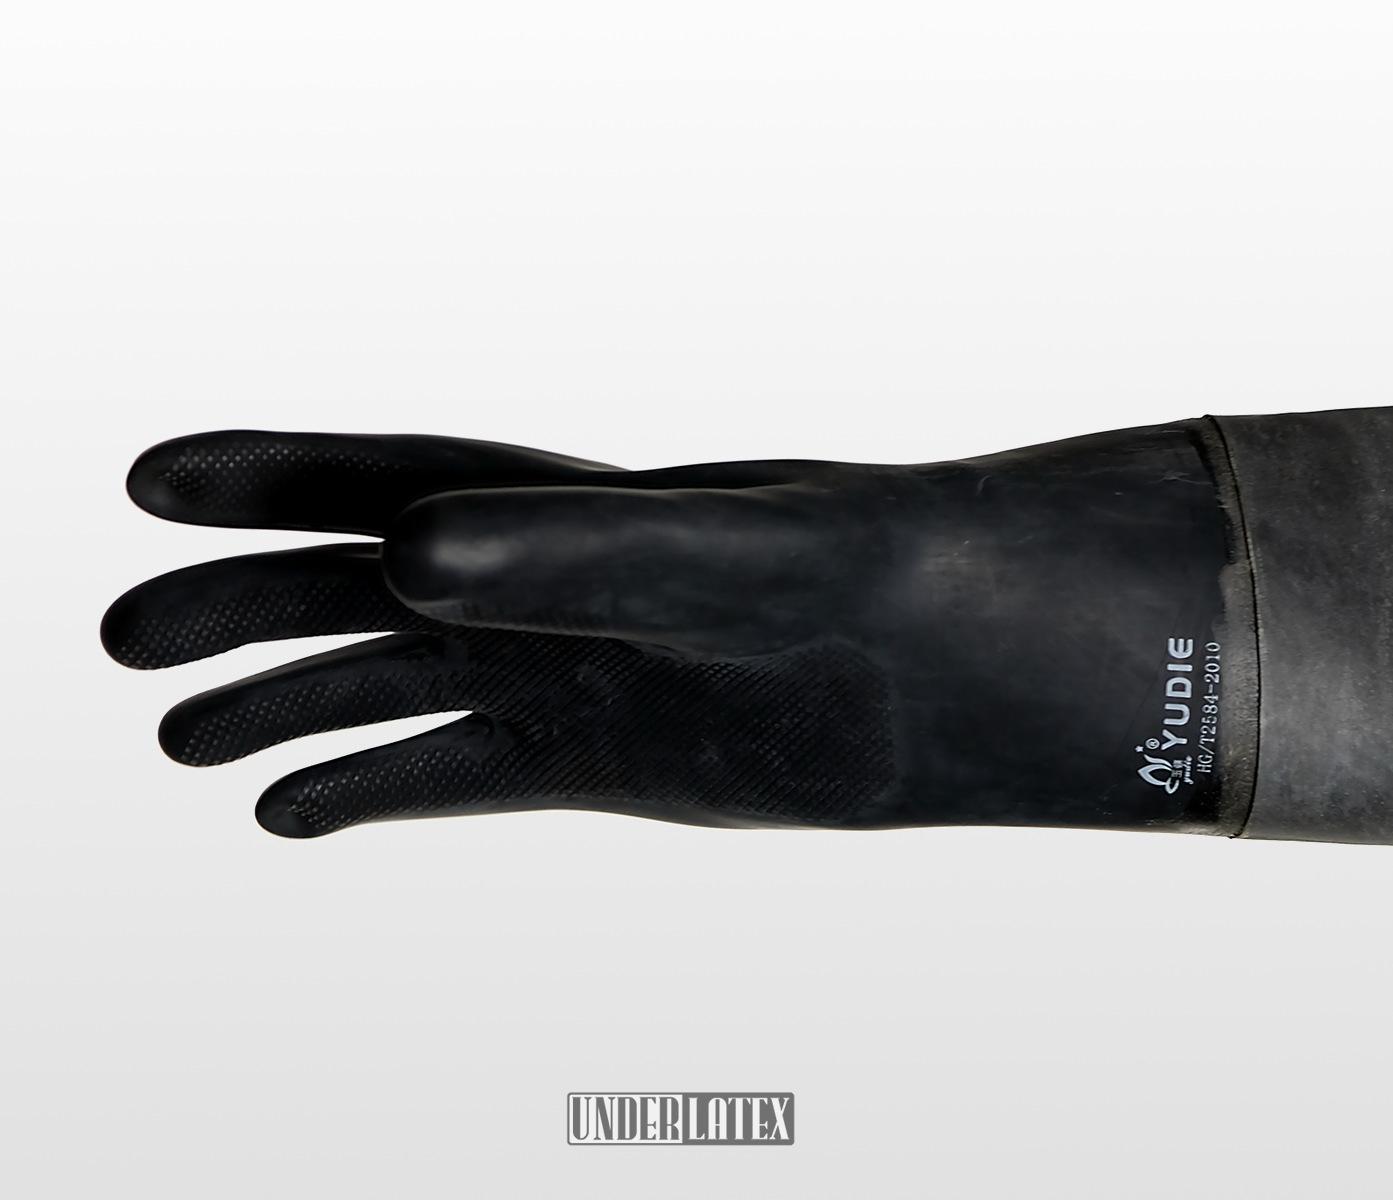 Heavy Rubber kompletter Schutzanzug aus 1,2mm Gummi Detailaufbahme Handschuh schwarz 1mm